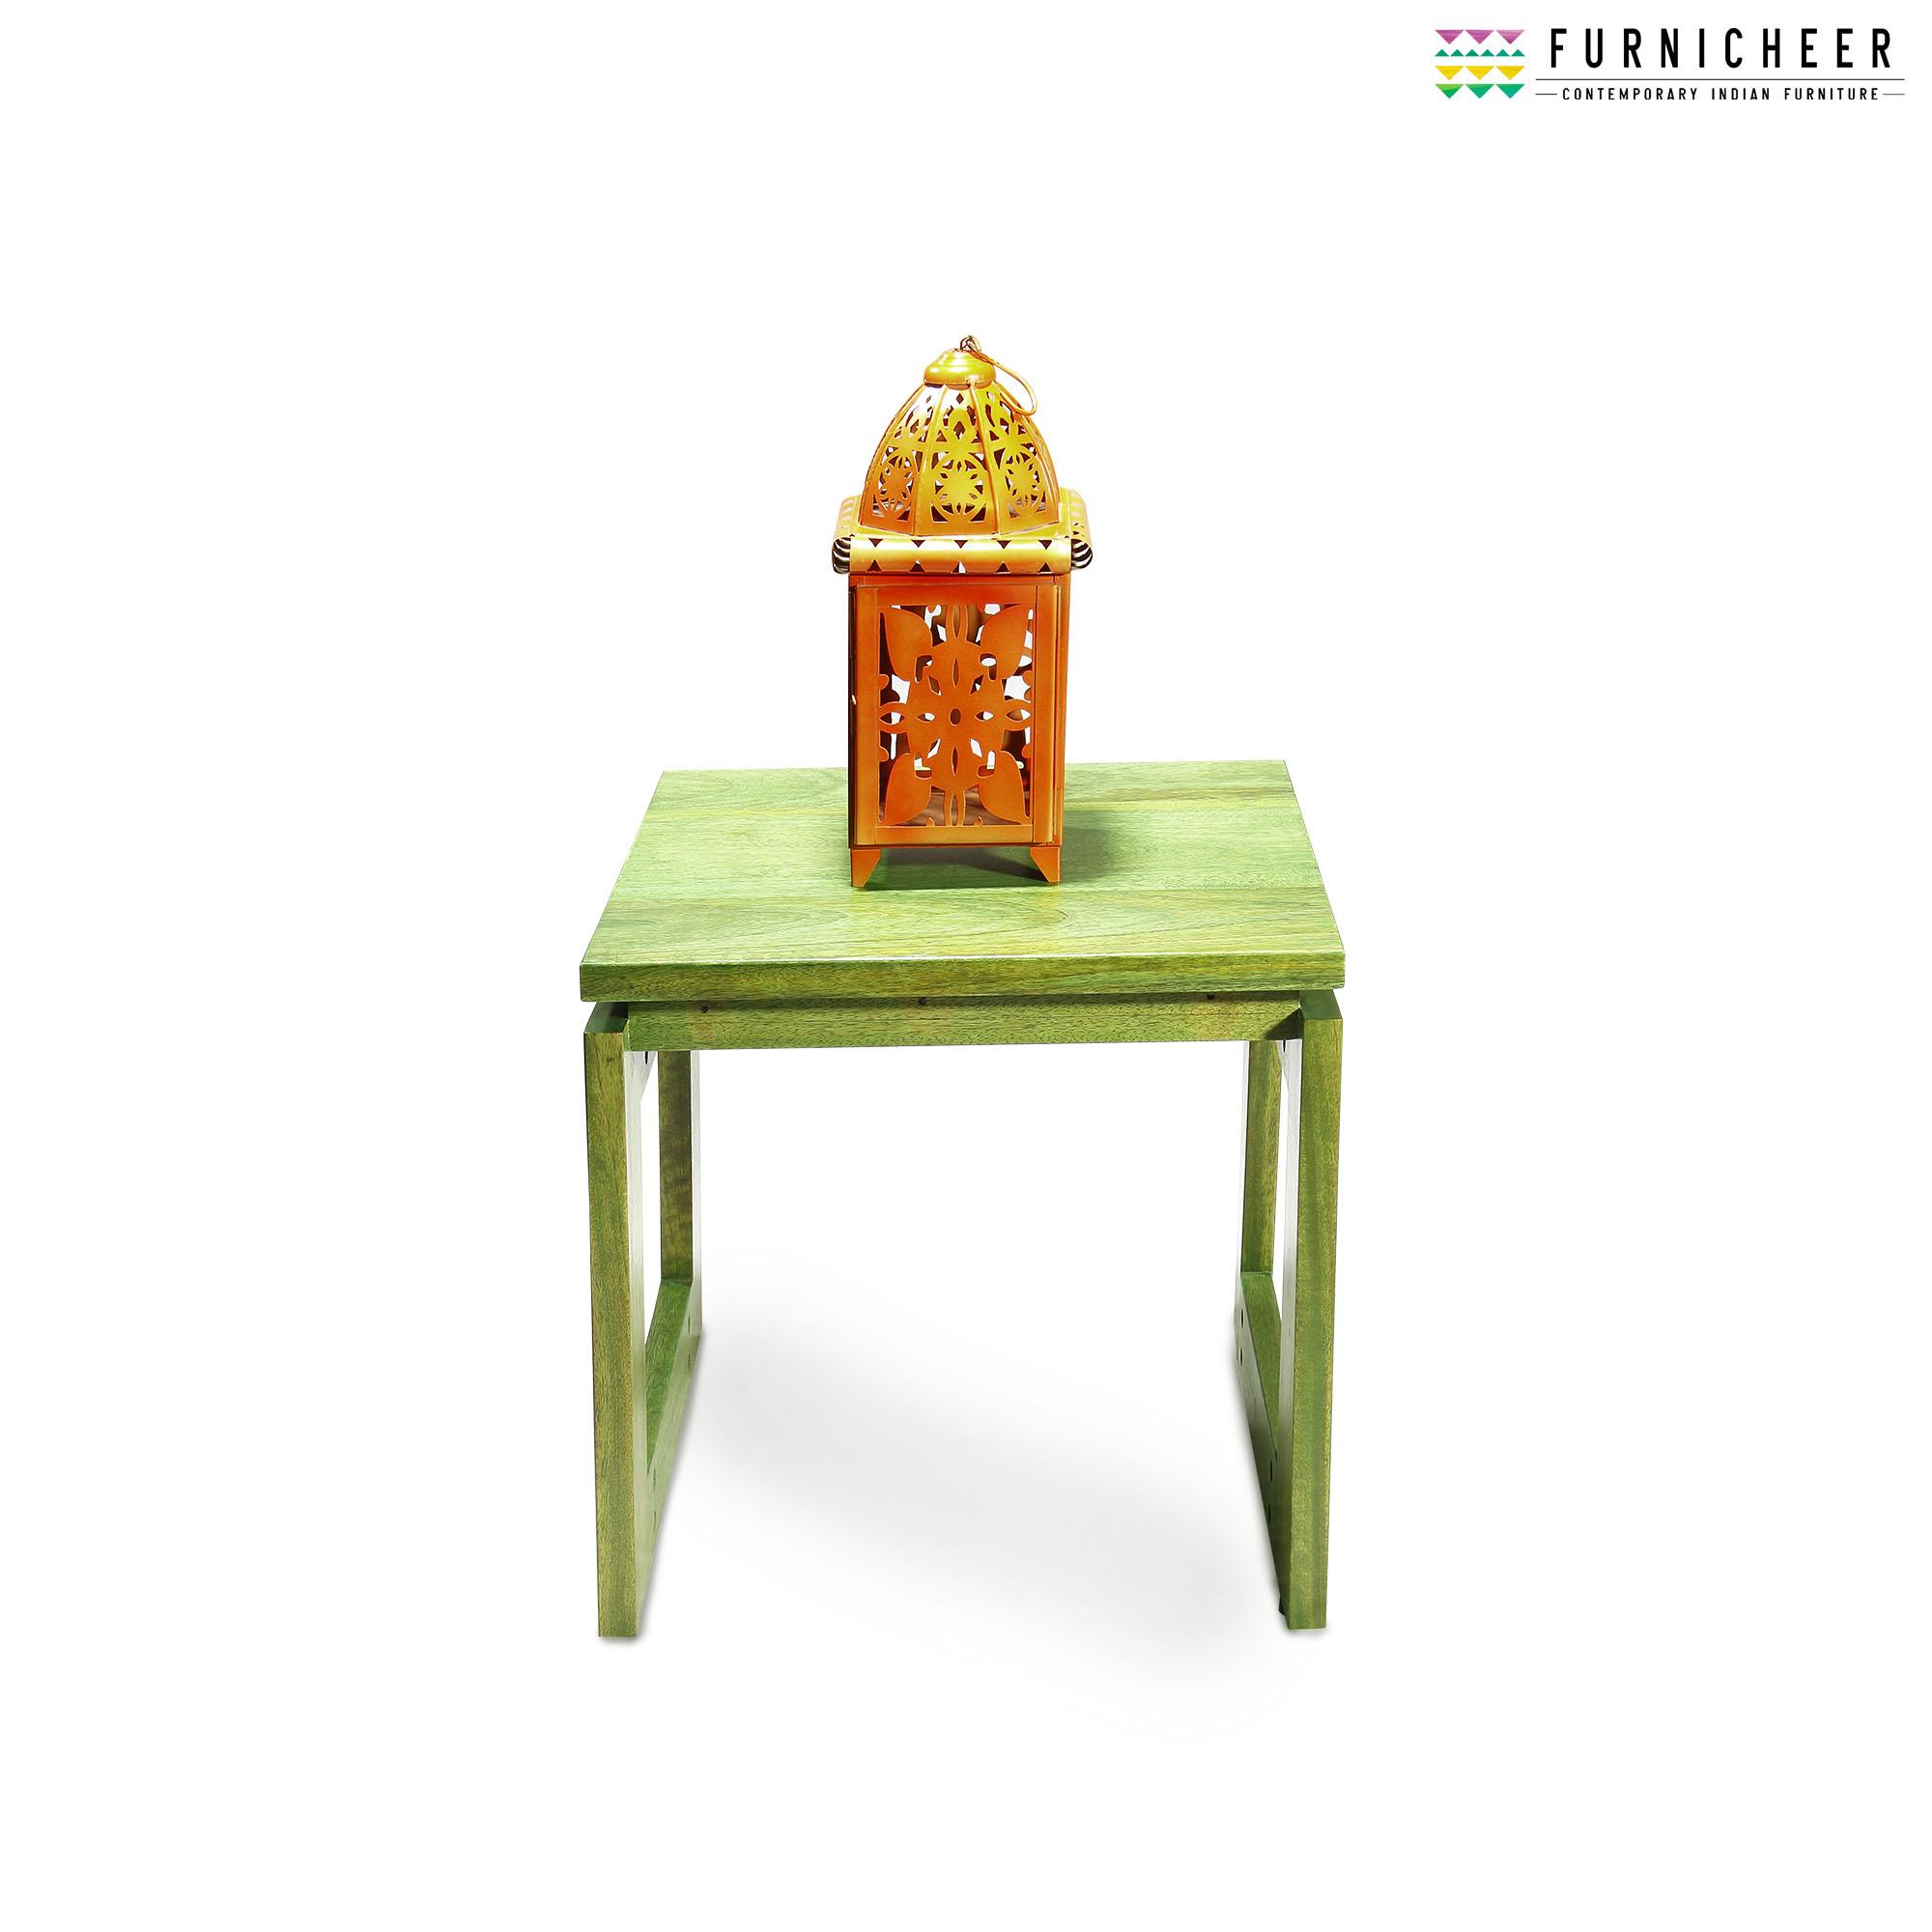 1.SIDE & END TABLE SKU TBGR7393